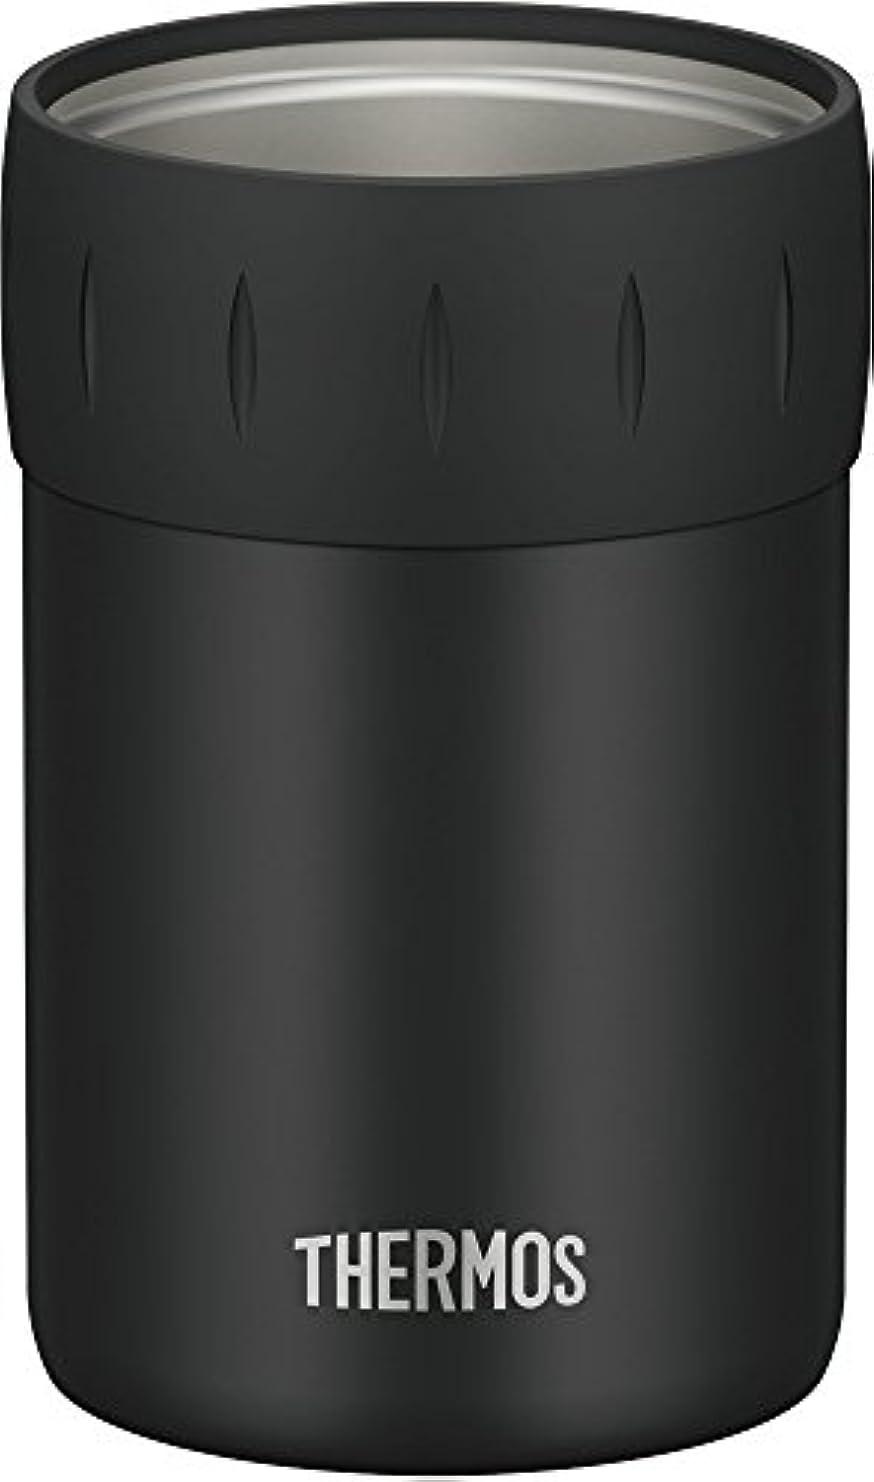 外交問題また明日ね妨げるサーモス 保冷缶ホルダー 350ml缶用 ブラック JCB-352 BK